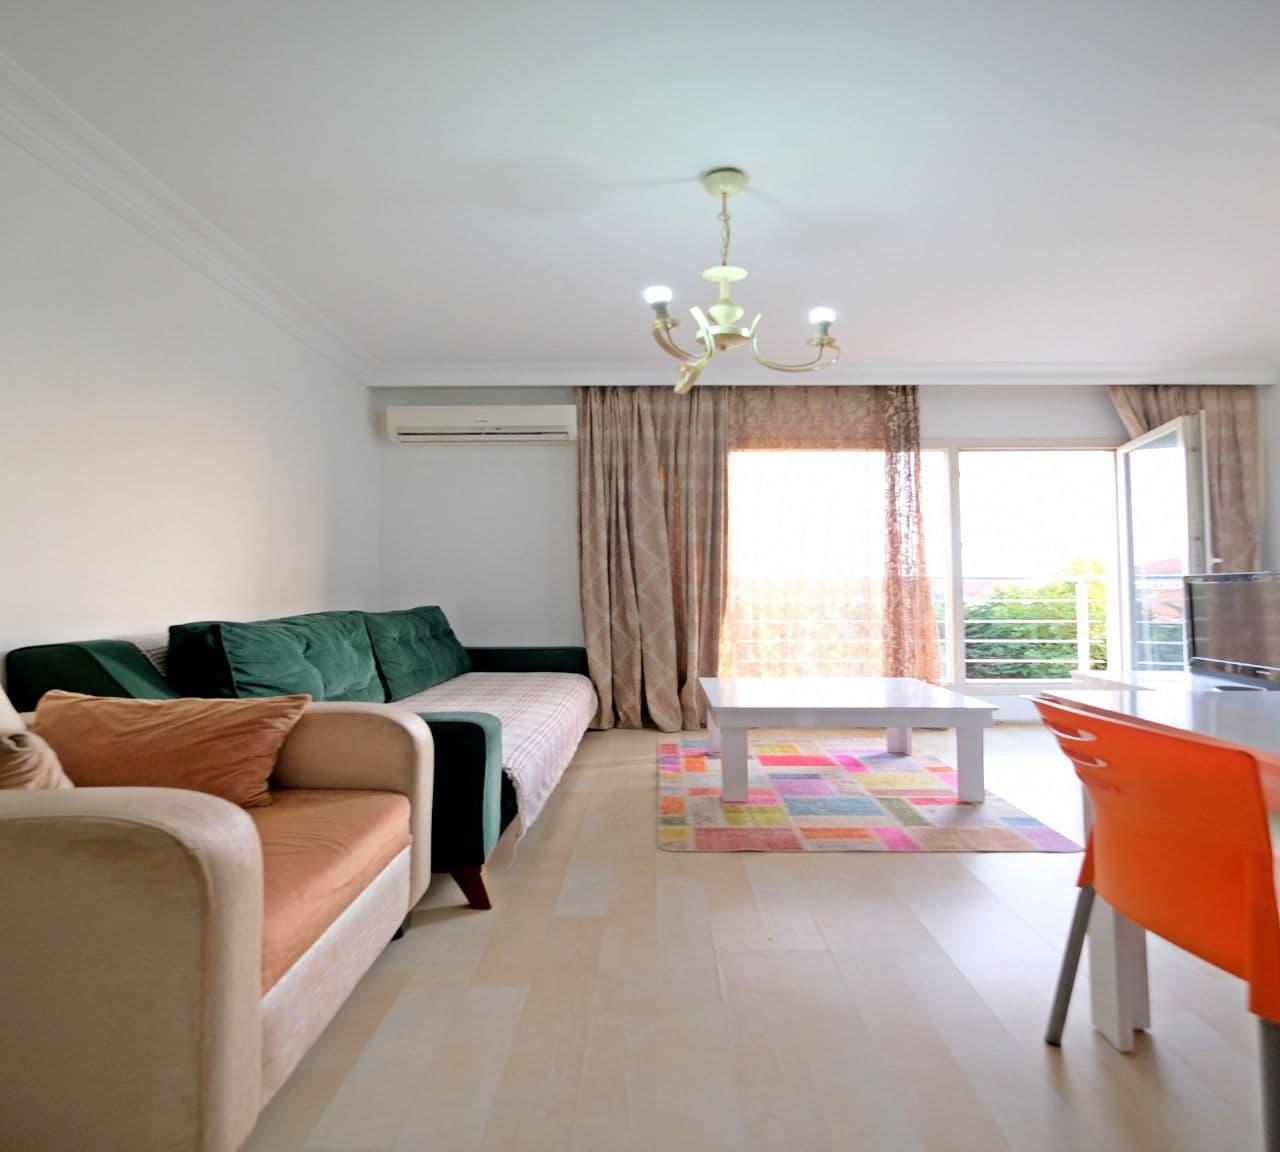 خرید خانه دست دوم در استانبول بیکنت گلپینار